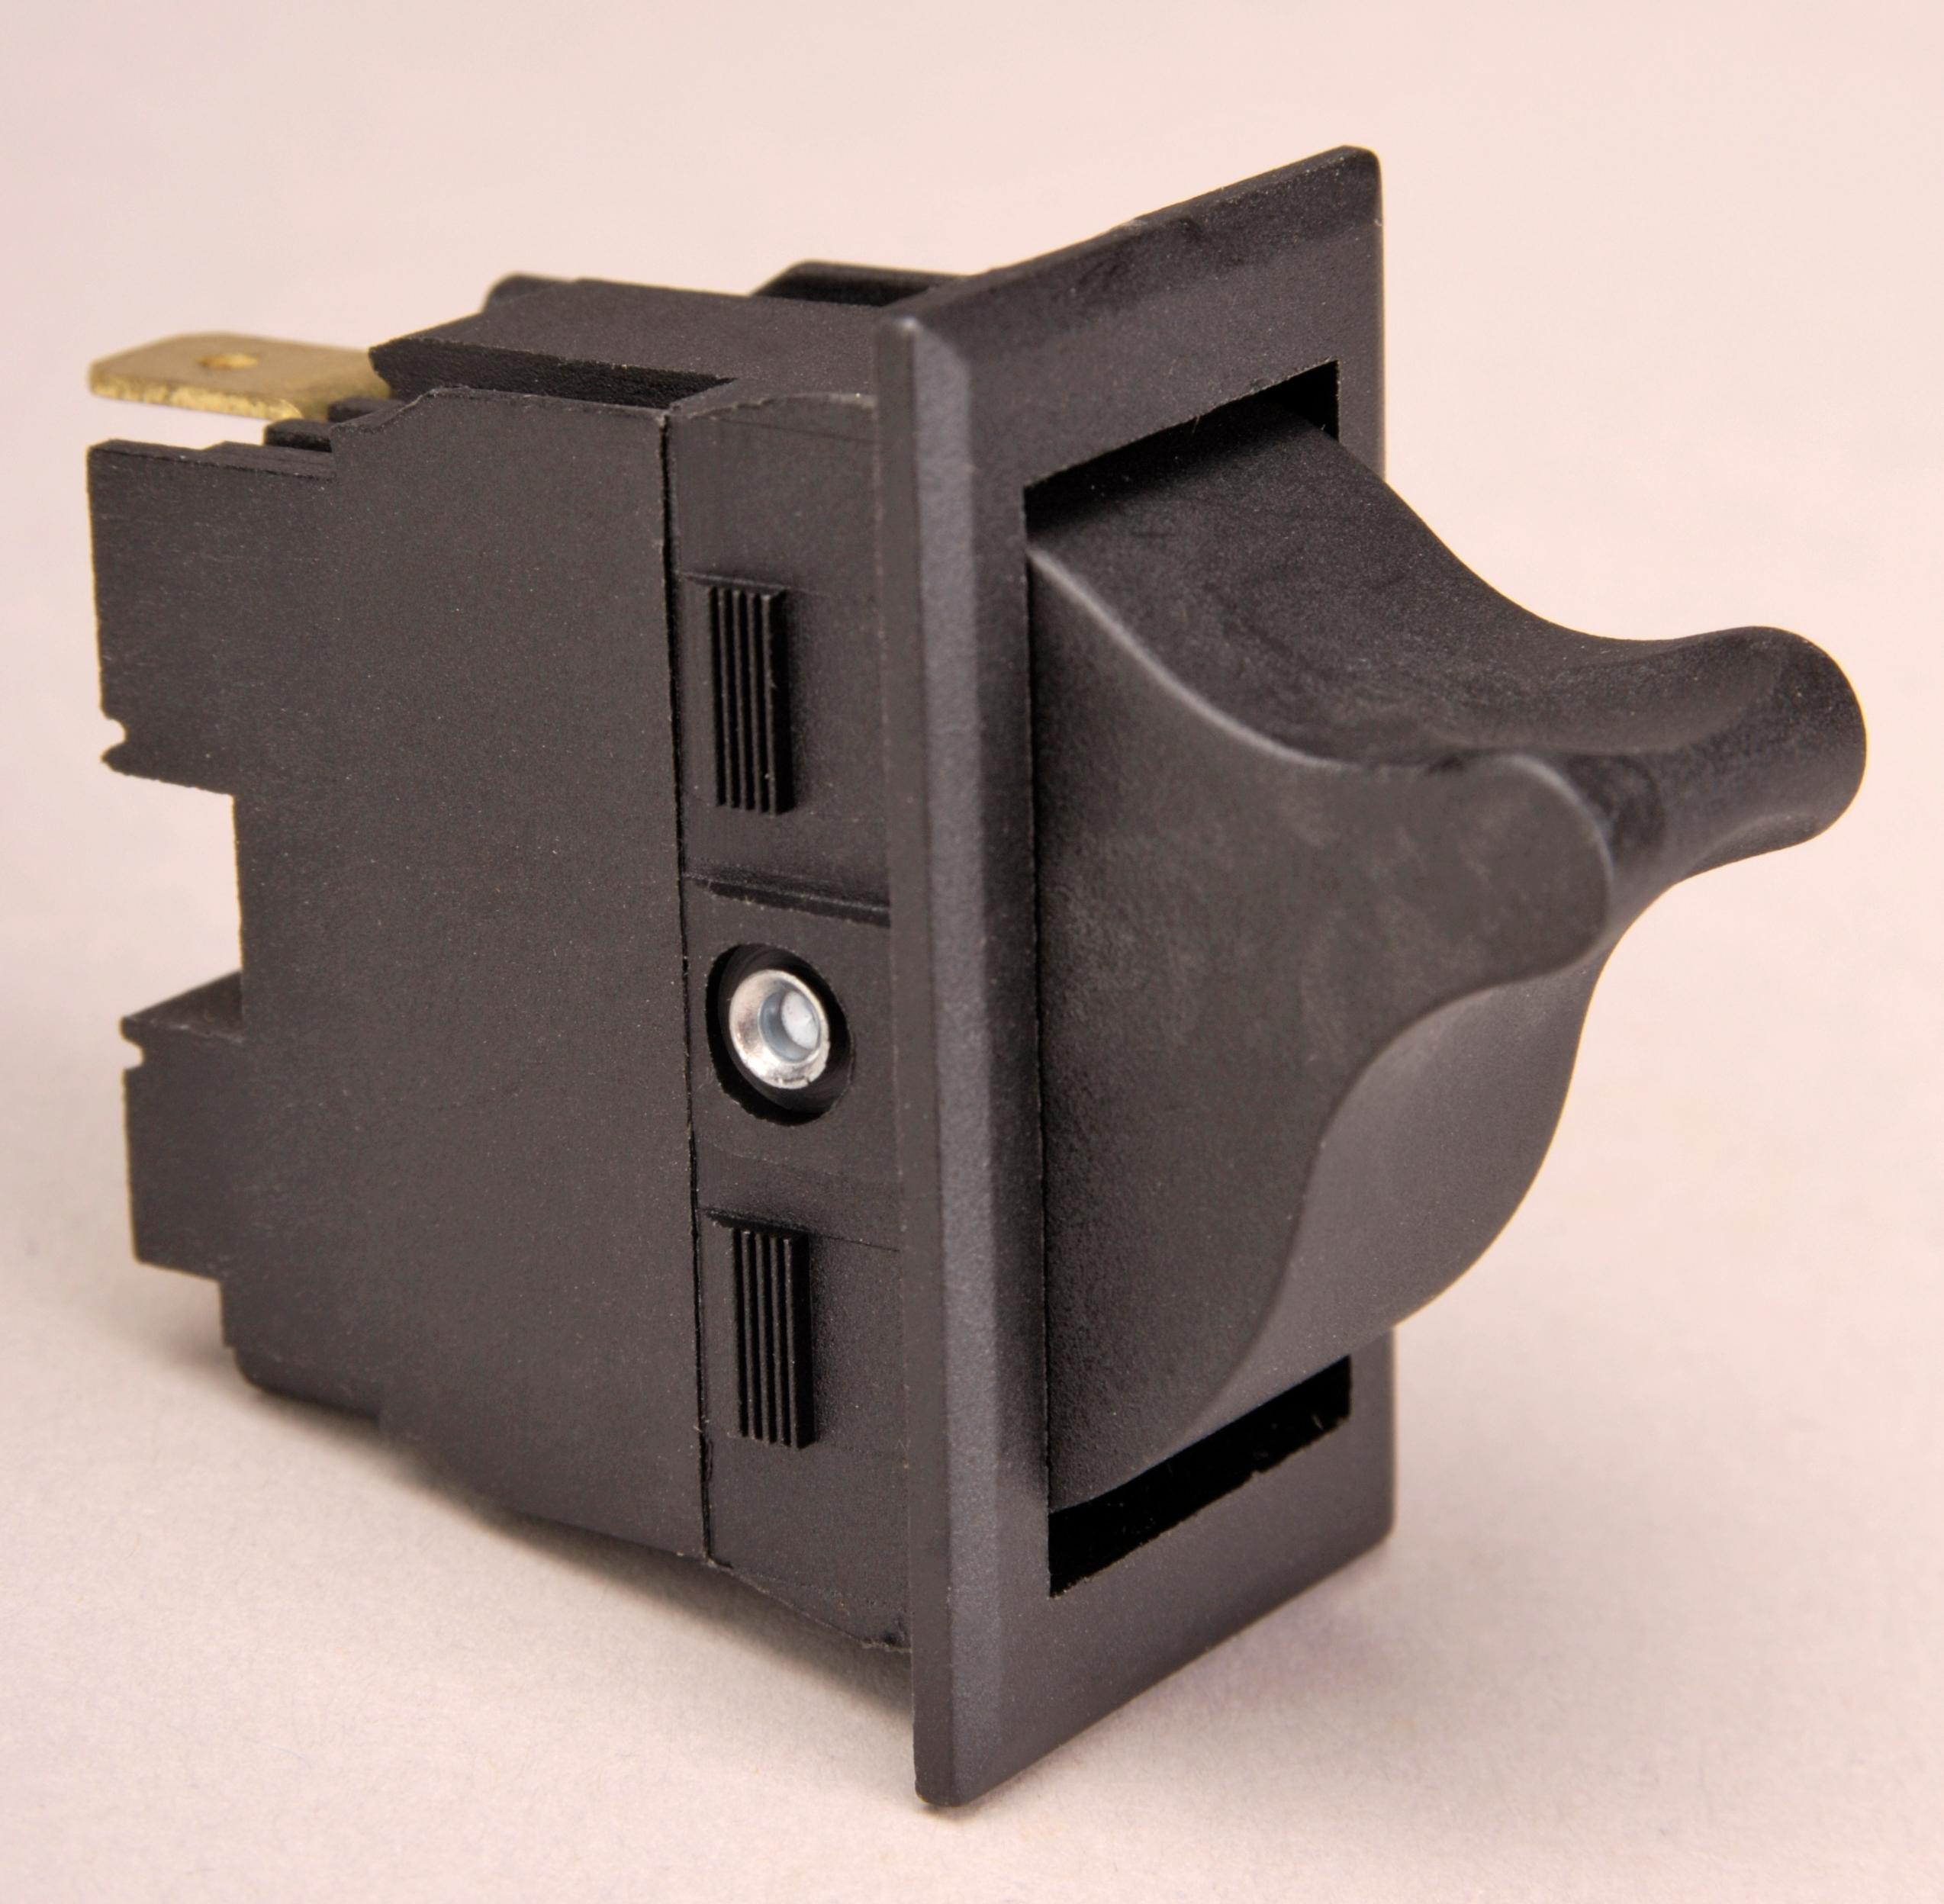 Reliance Controls 31410crk Pro Tran 10 Circuit 30 Amp Generator Pb30 Wiring Diagram View Larger